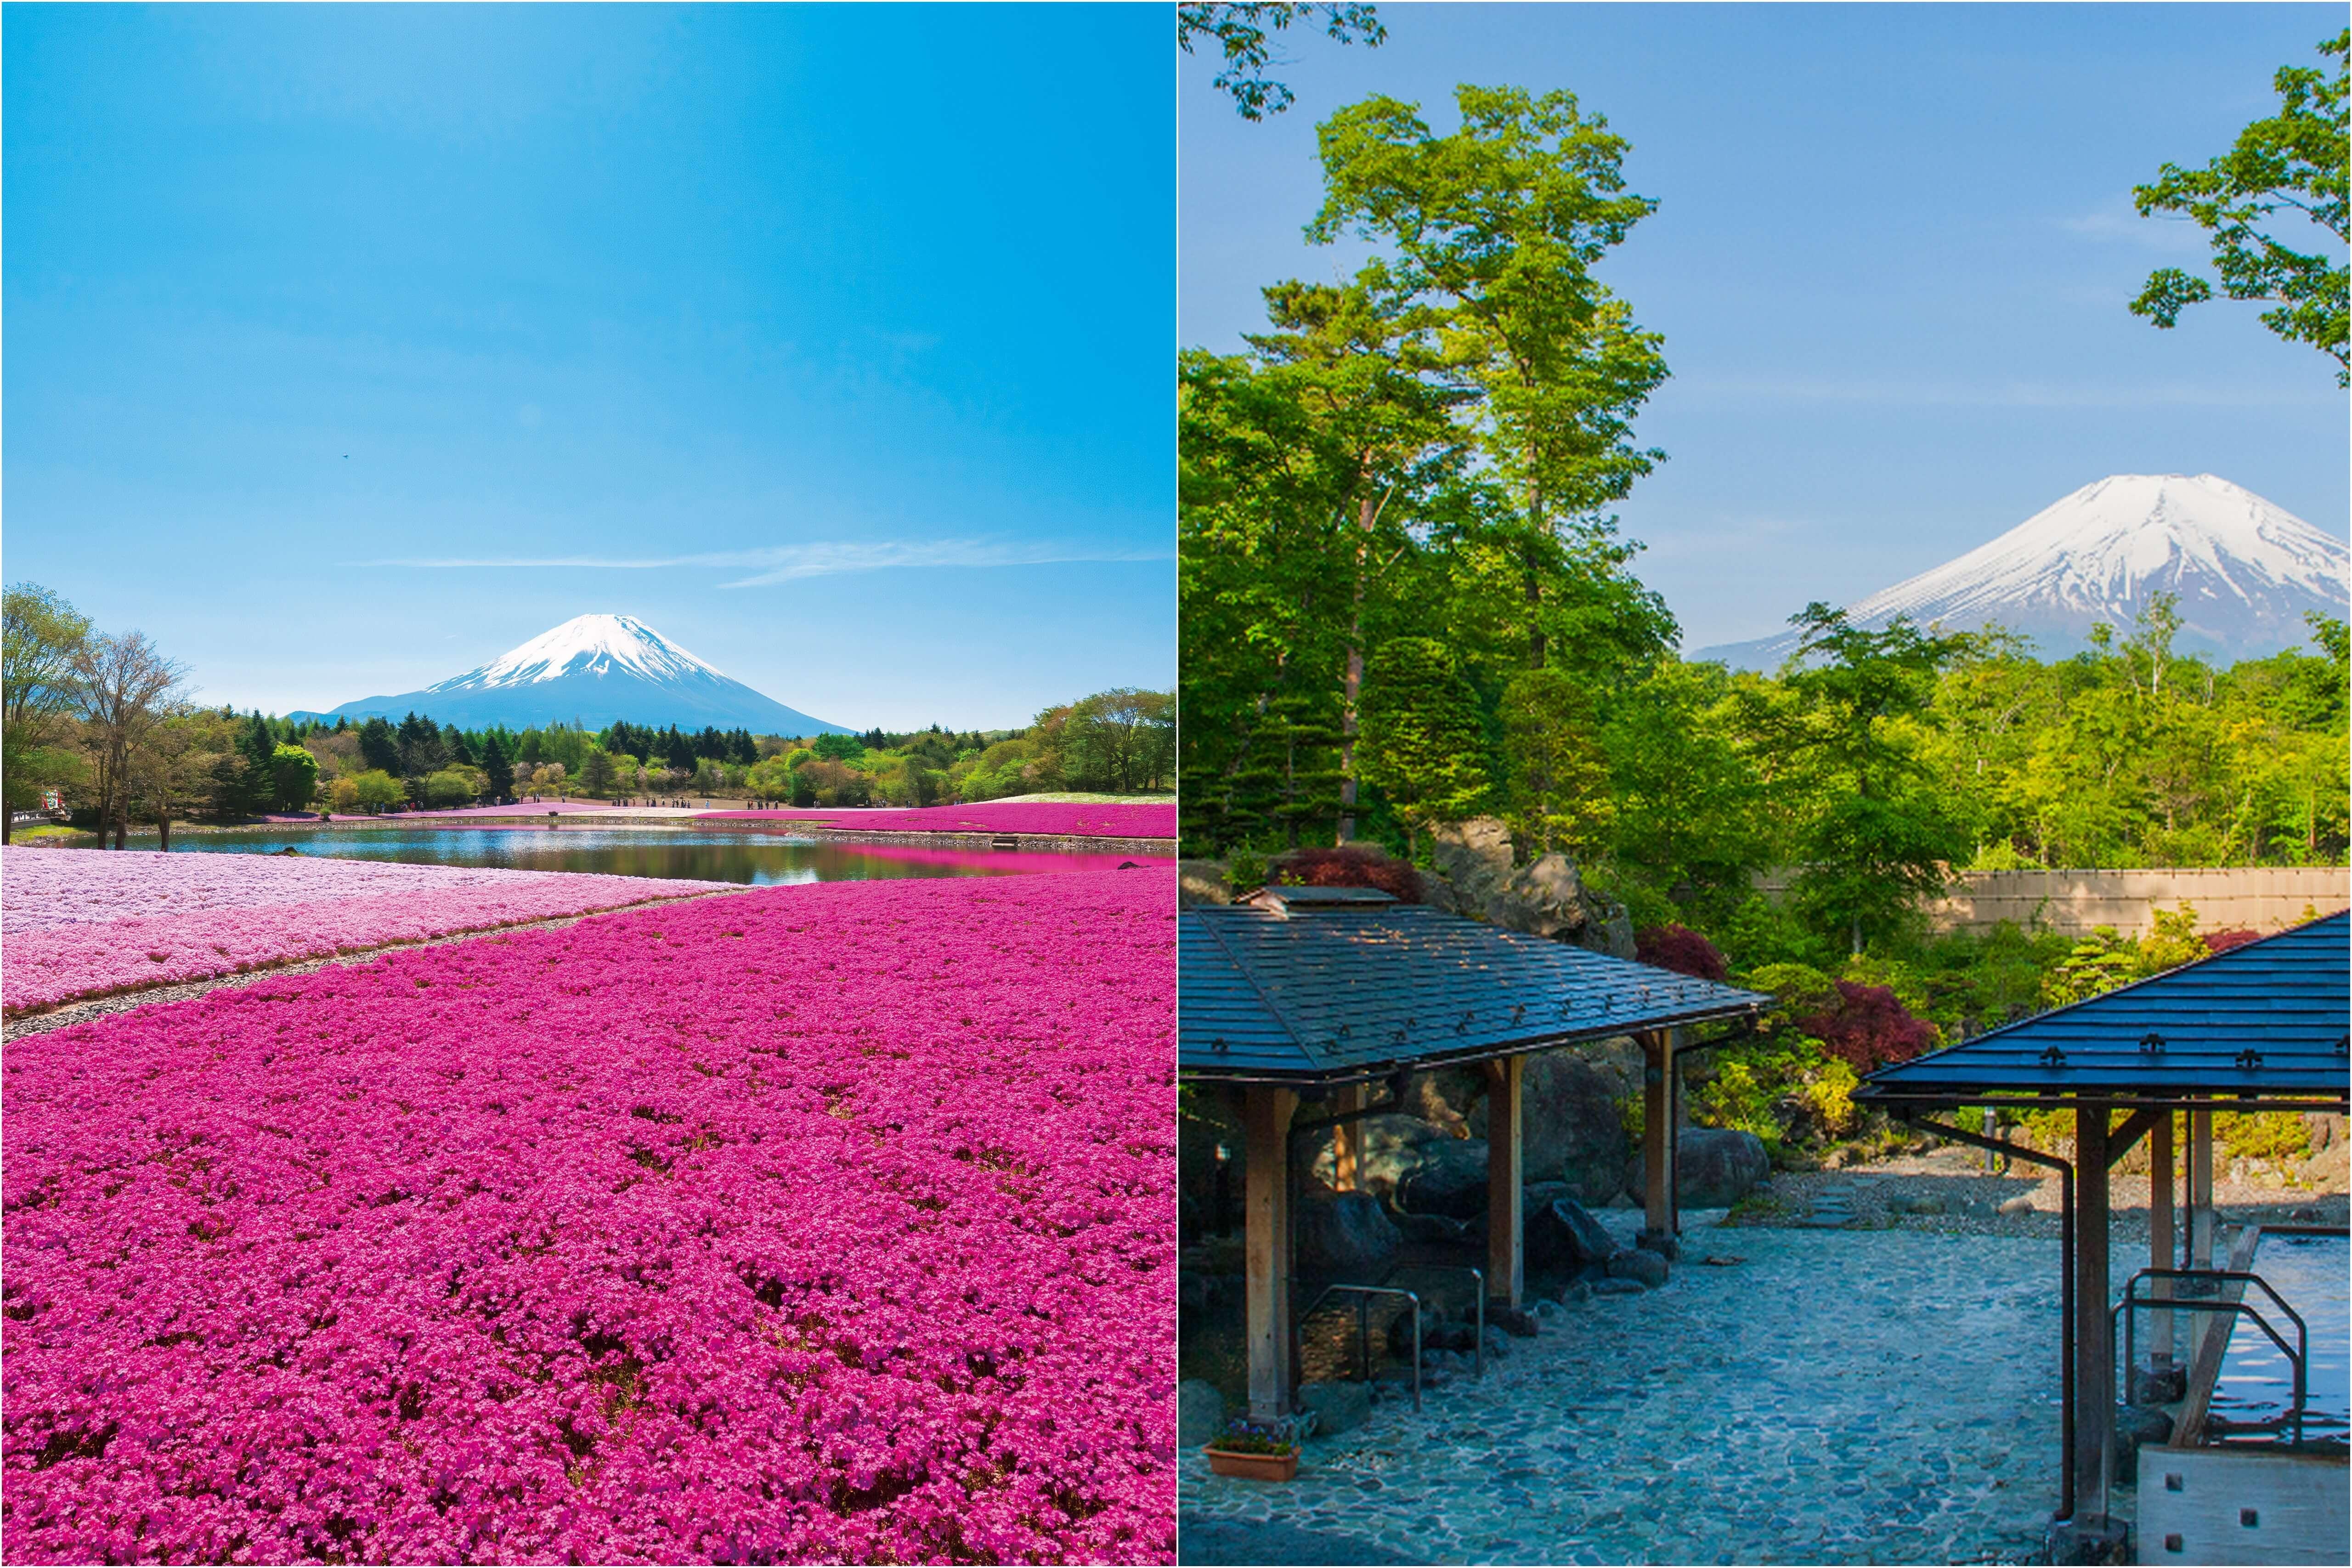 富士山麓でポカポカ春体感♪富士芝桜まつり&富士を望む露天風呂『山中湖温泉 紅富士の湯